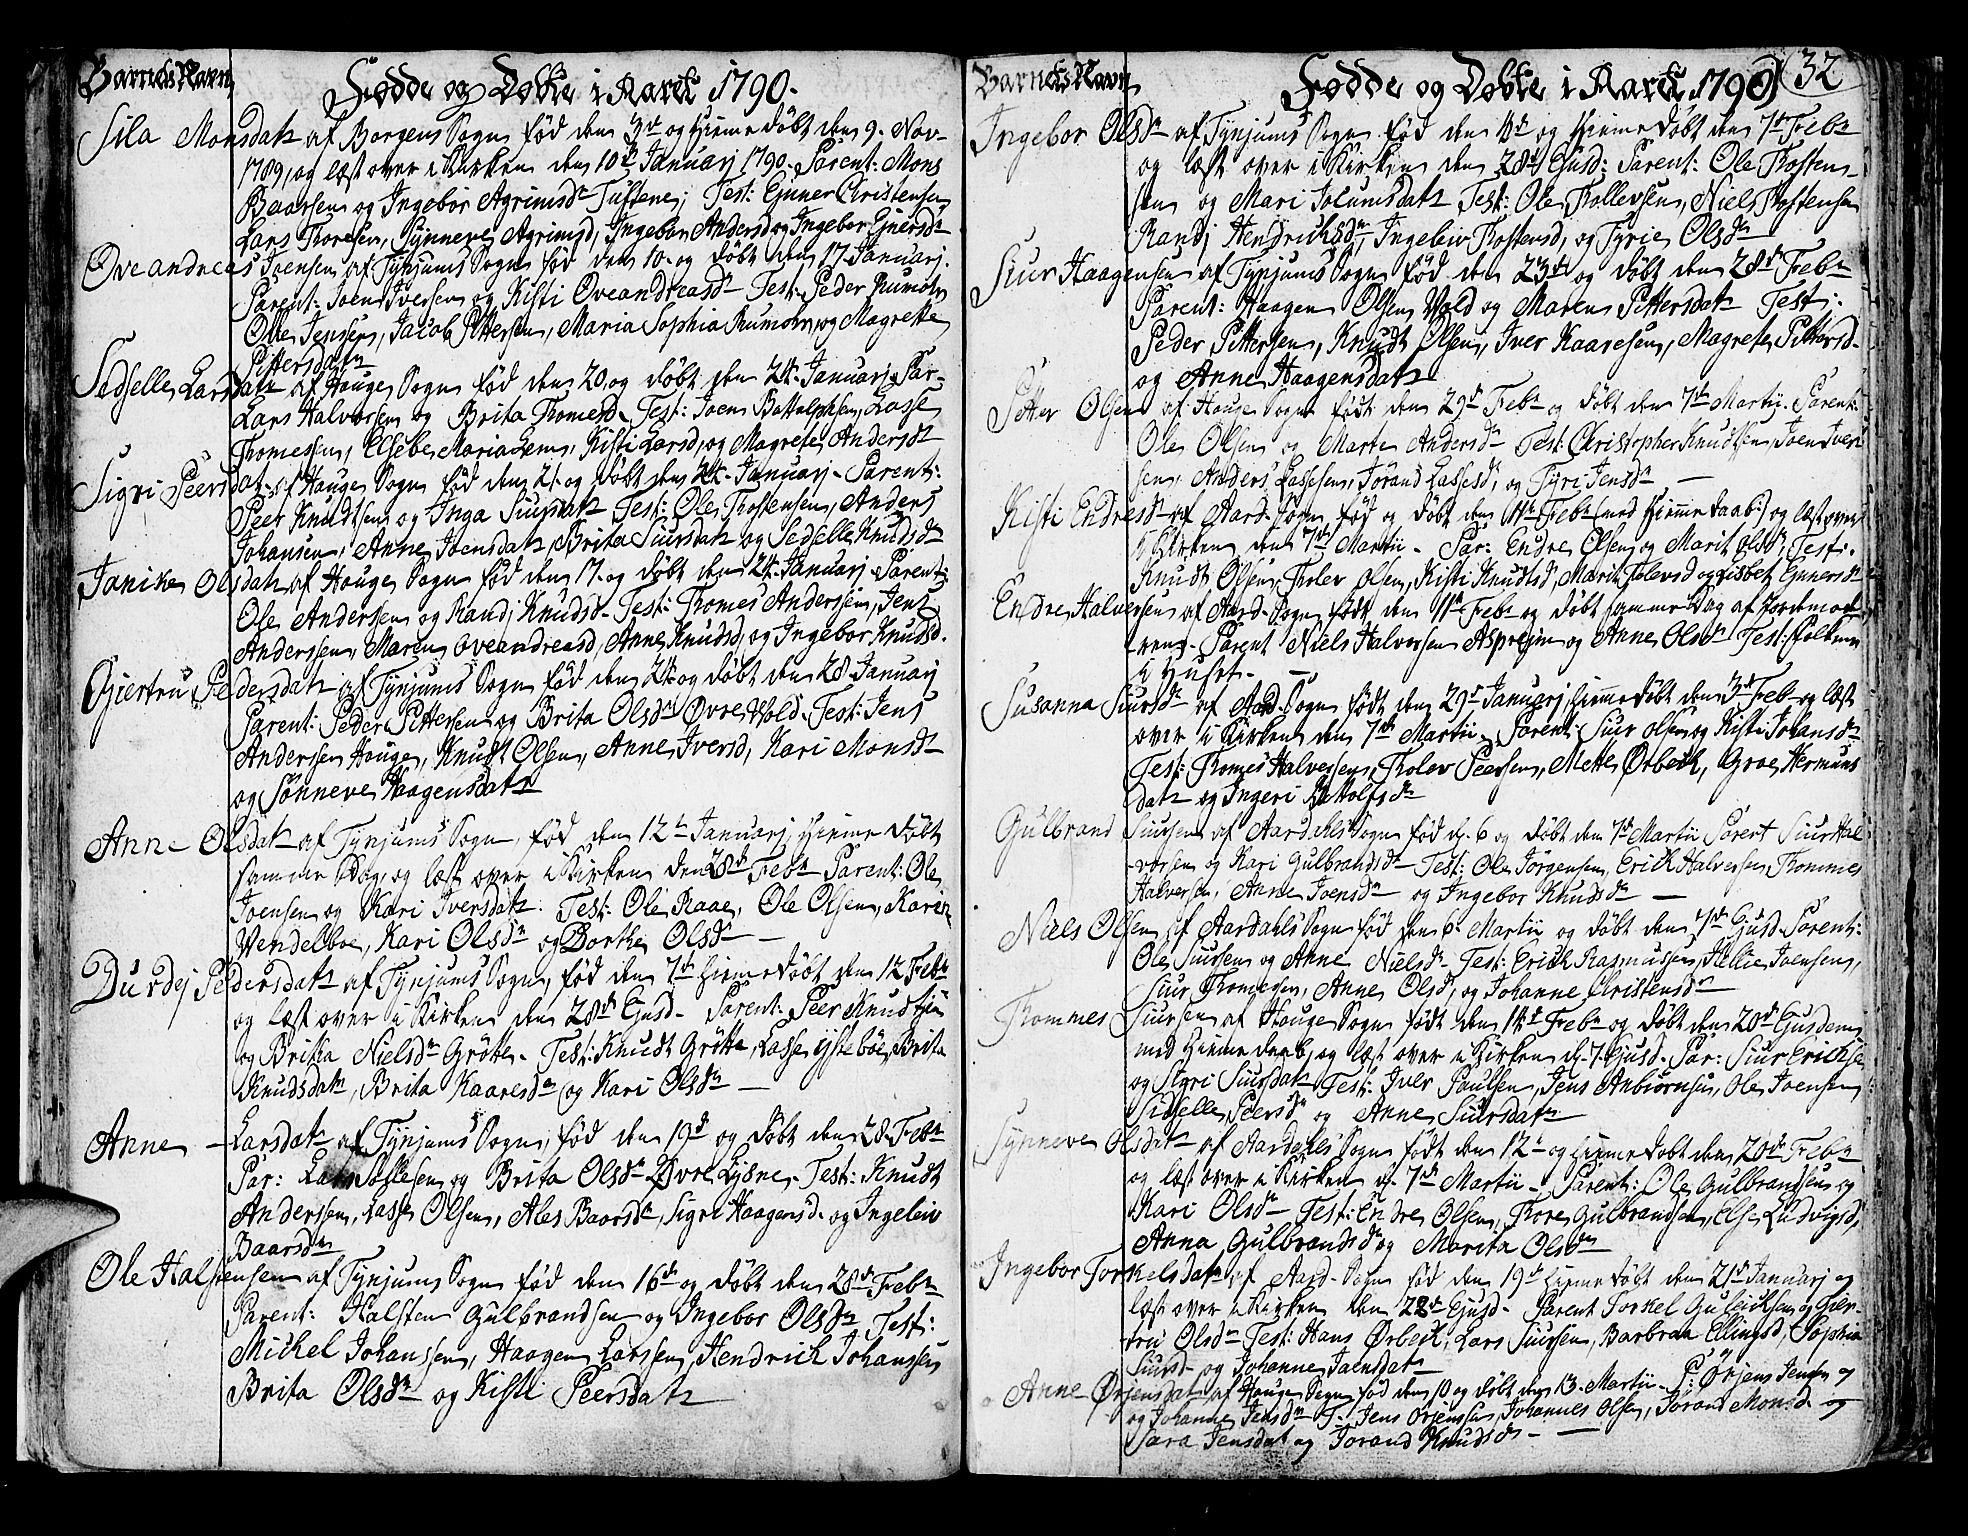 SAB, Lærdal sokneprestembete, Ministerialbok nr. A 3, 1783-1804, s. 32